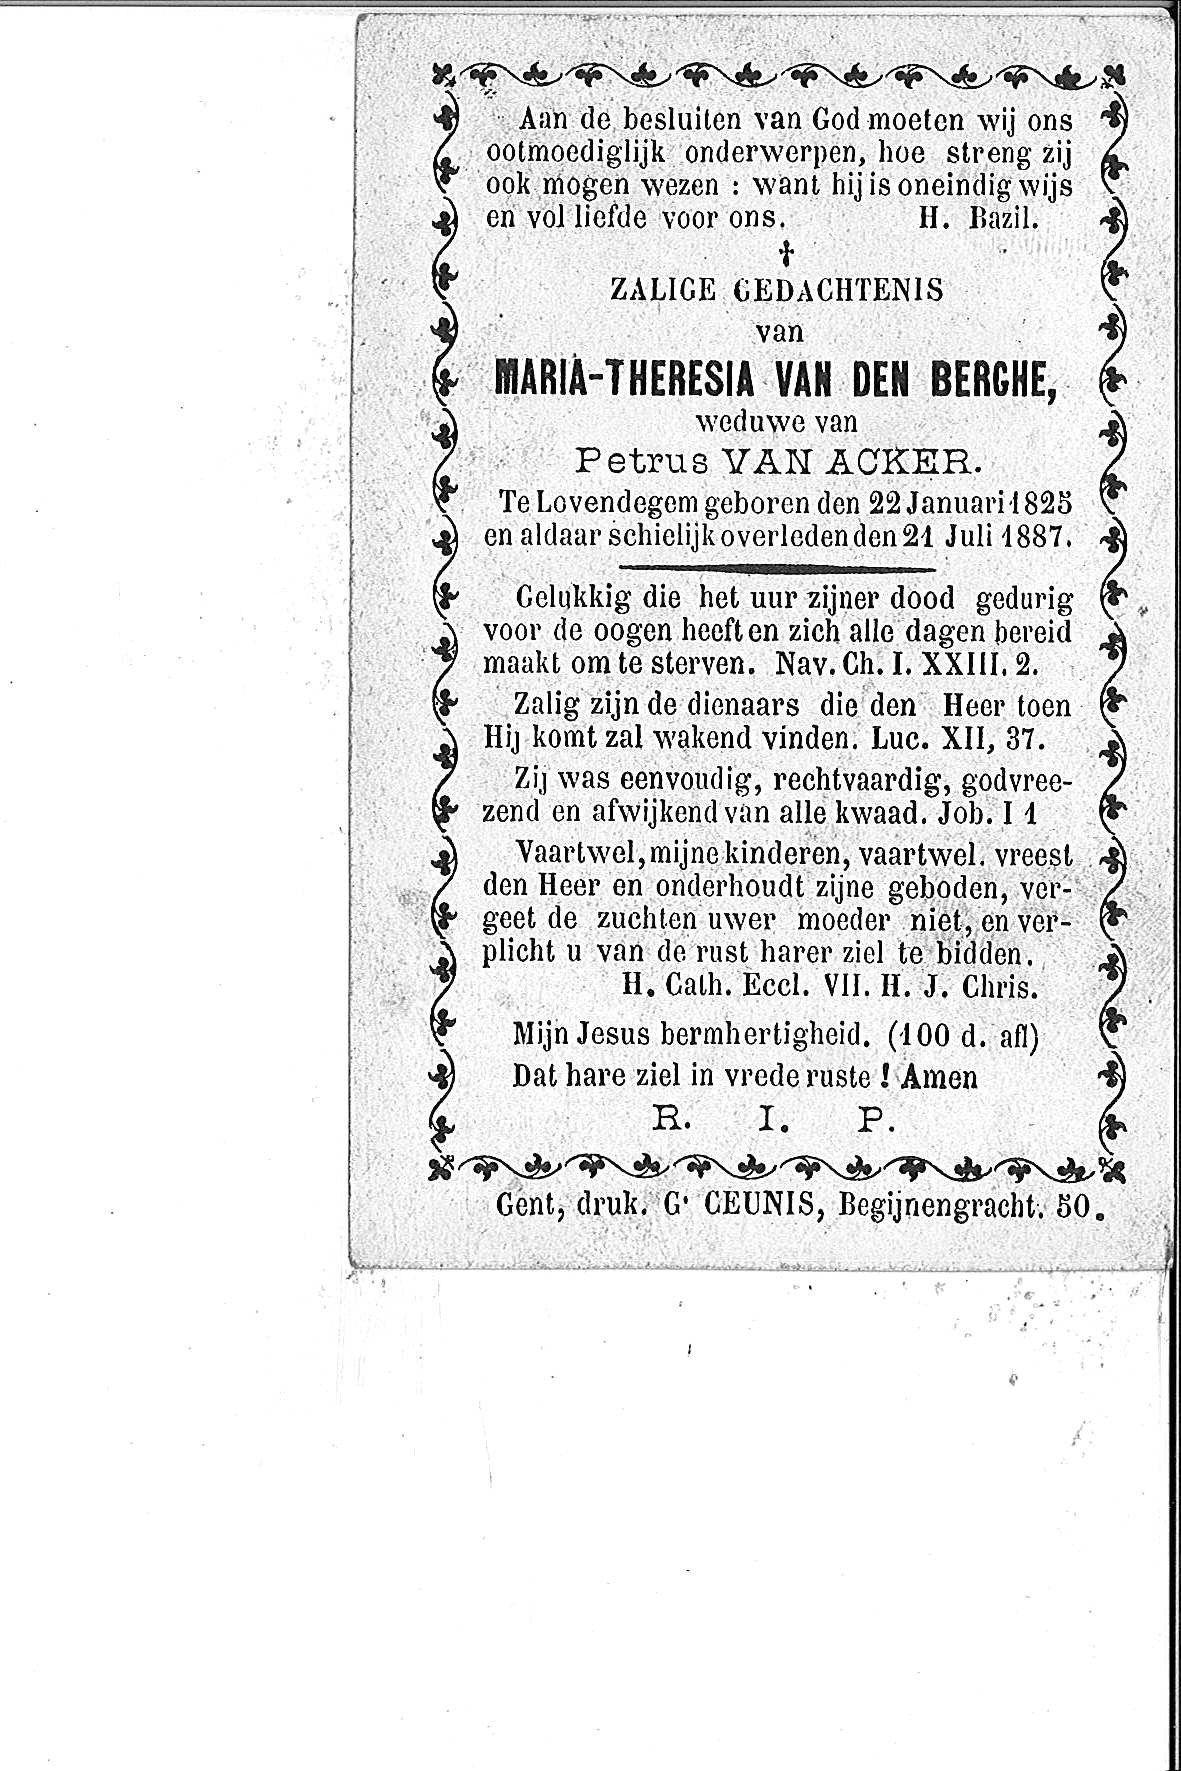 Maria_Theresia(1887)20150804084944_00020.jpg